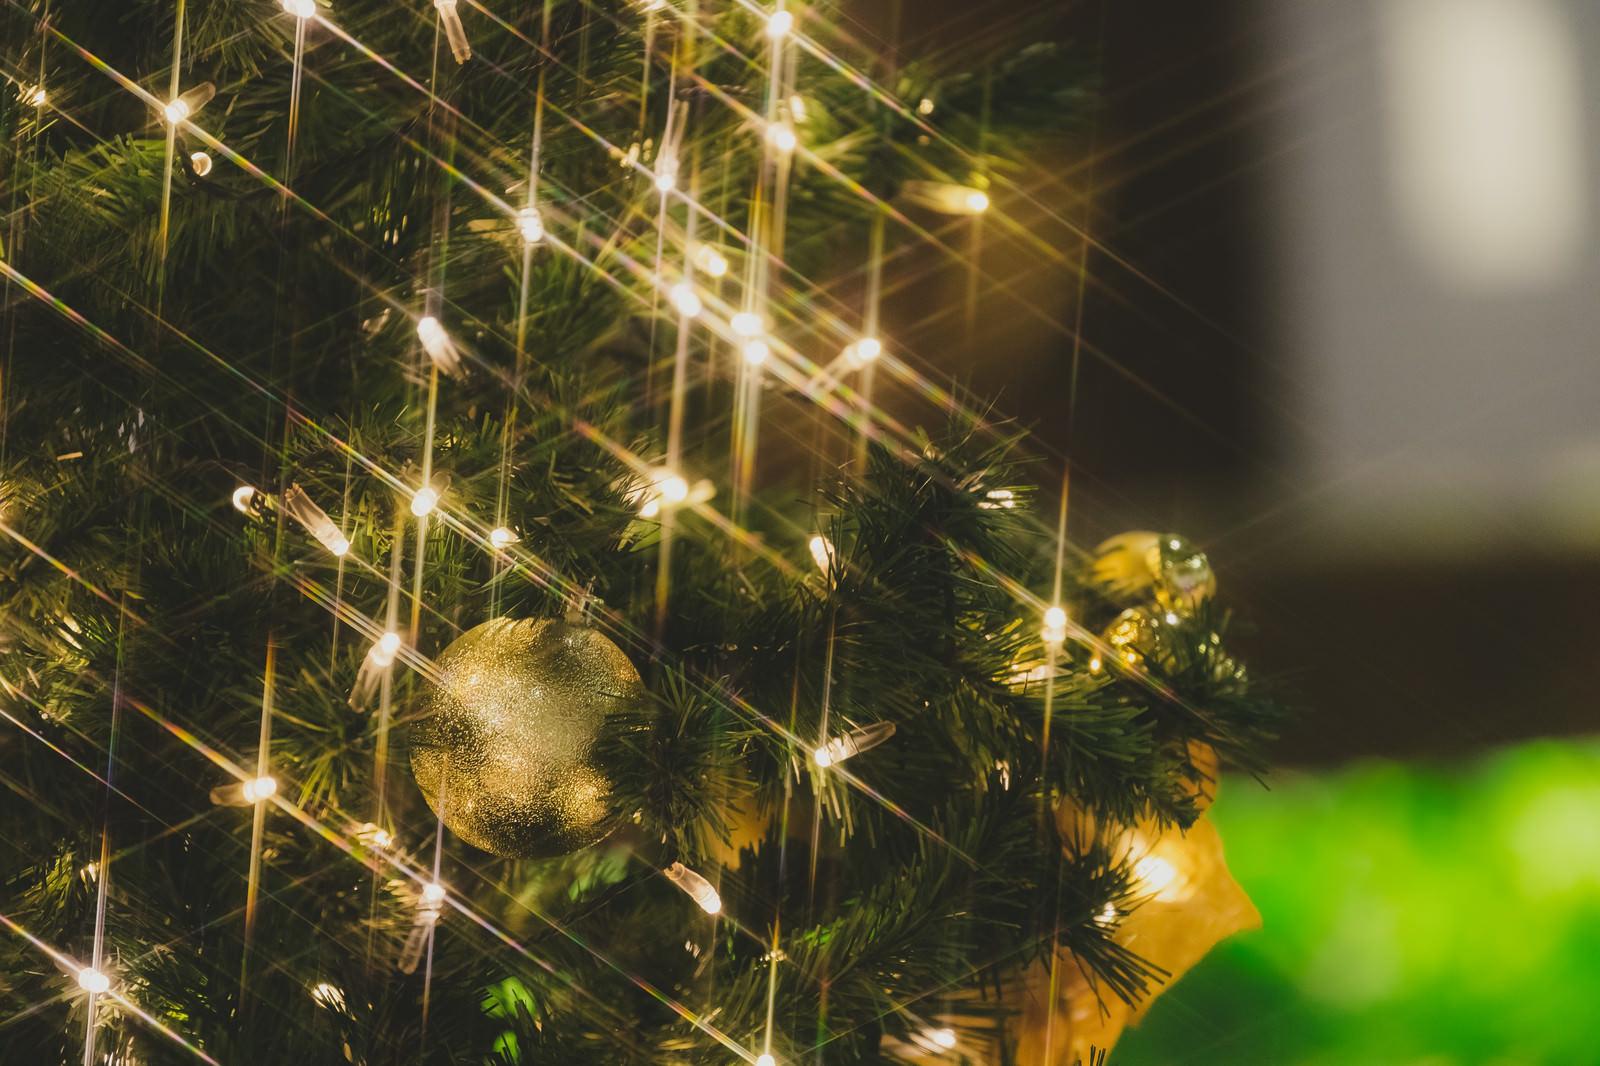 「クリスマスツリーの電飾キラキラクリスマスツリーの電飾キラキラ」のフリー写真素材を拡大